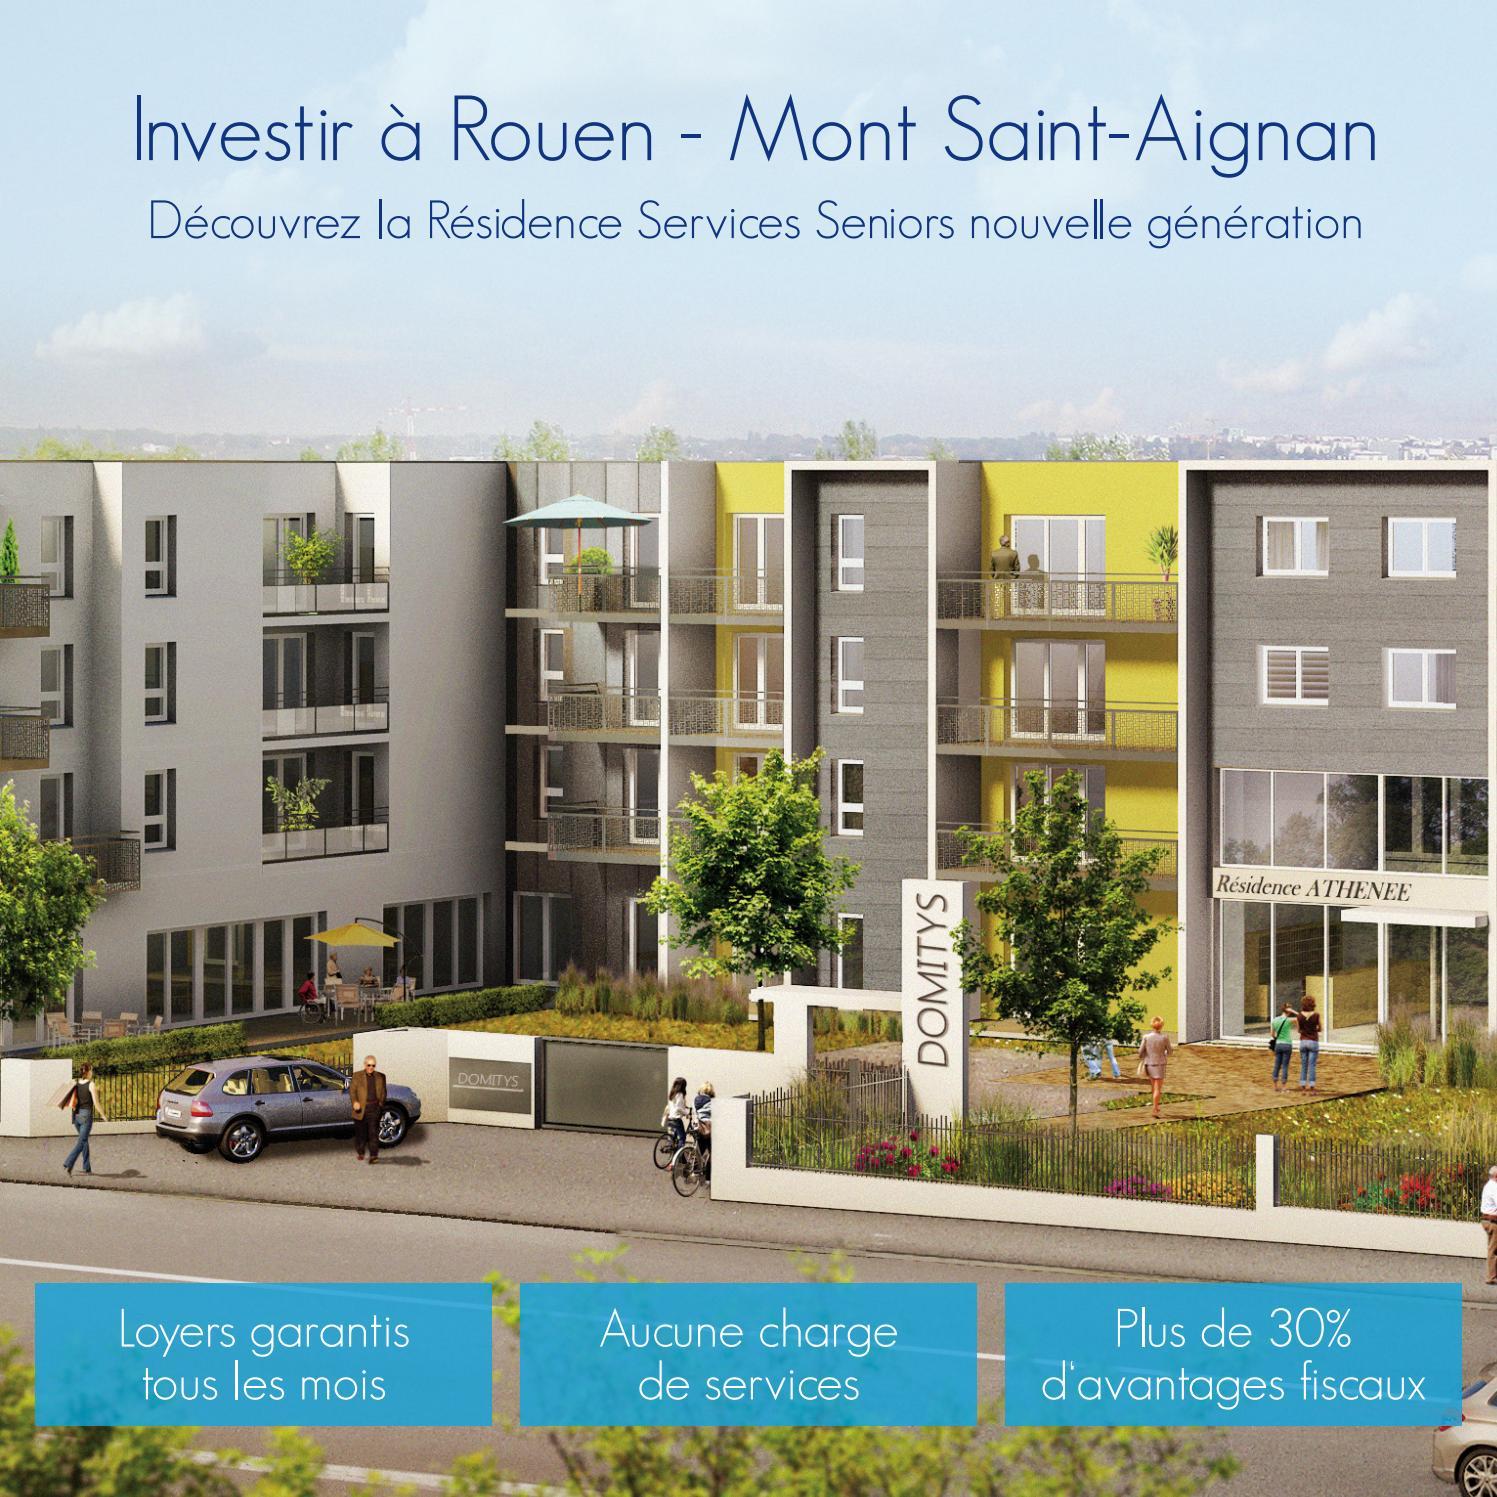 Investir À Rouen - Mont Saint-Aignan By Domitys Invest - Issuu intérieur Piscine De Mont Saint Aignan